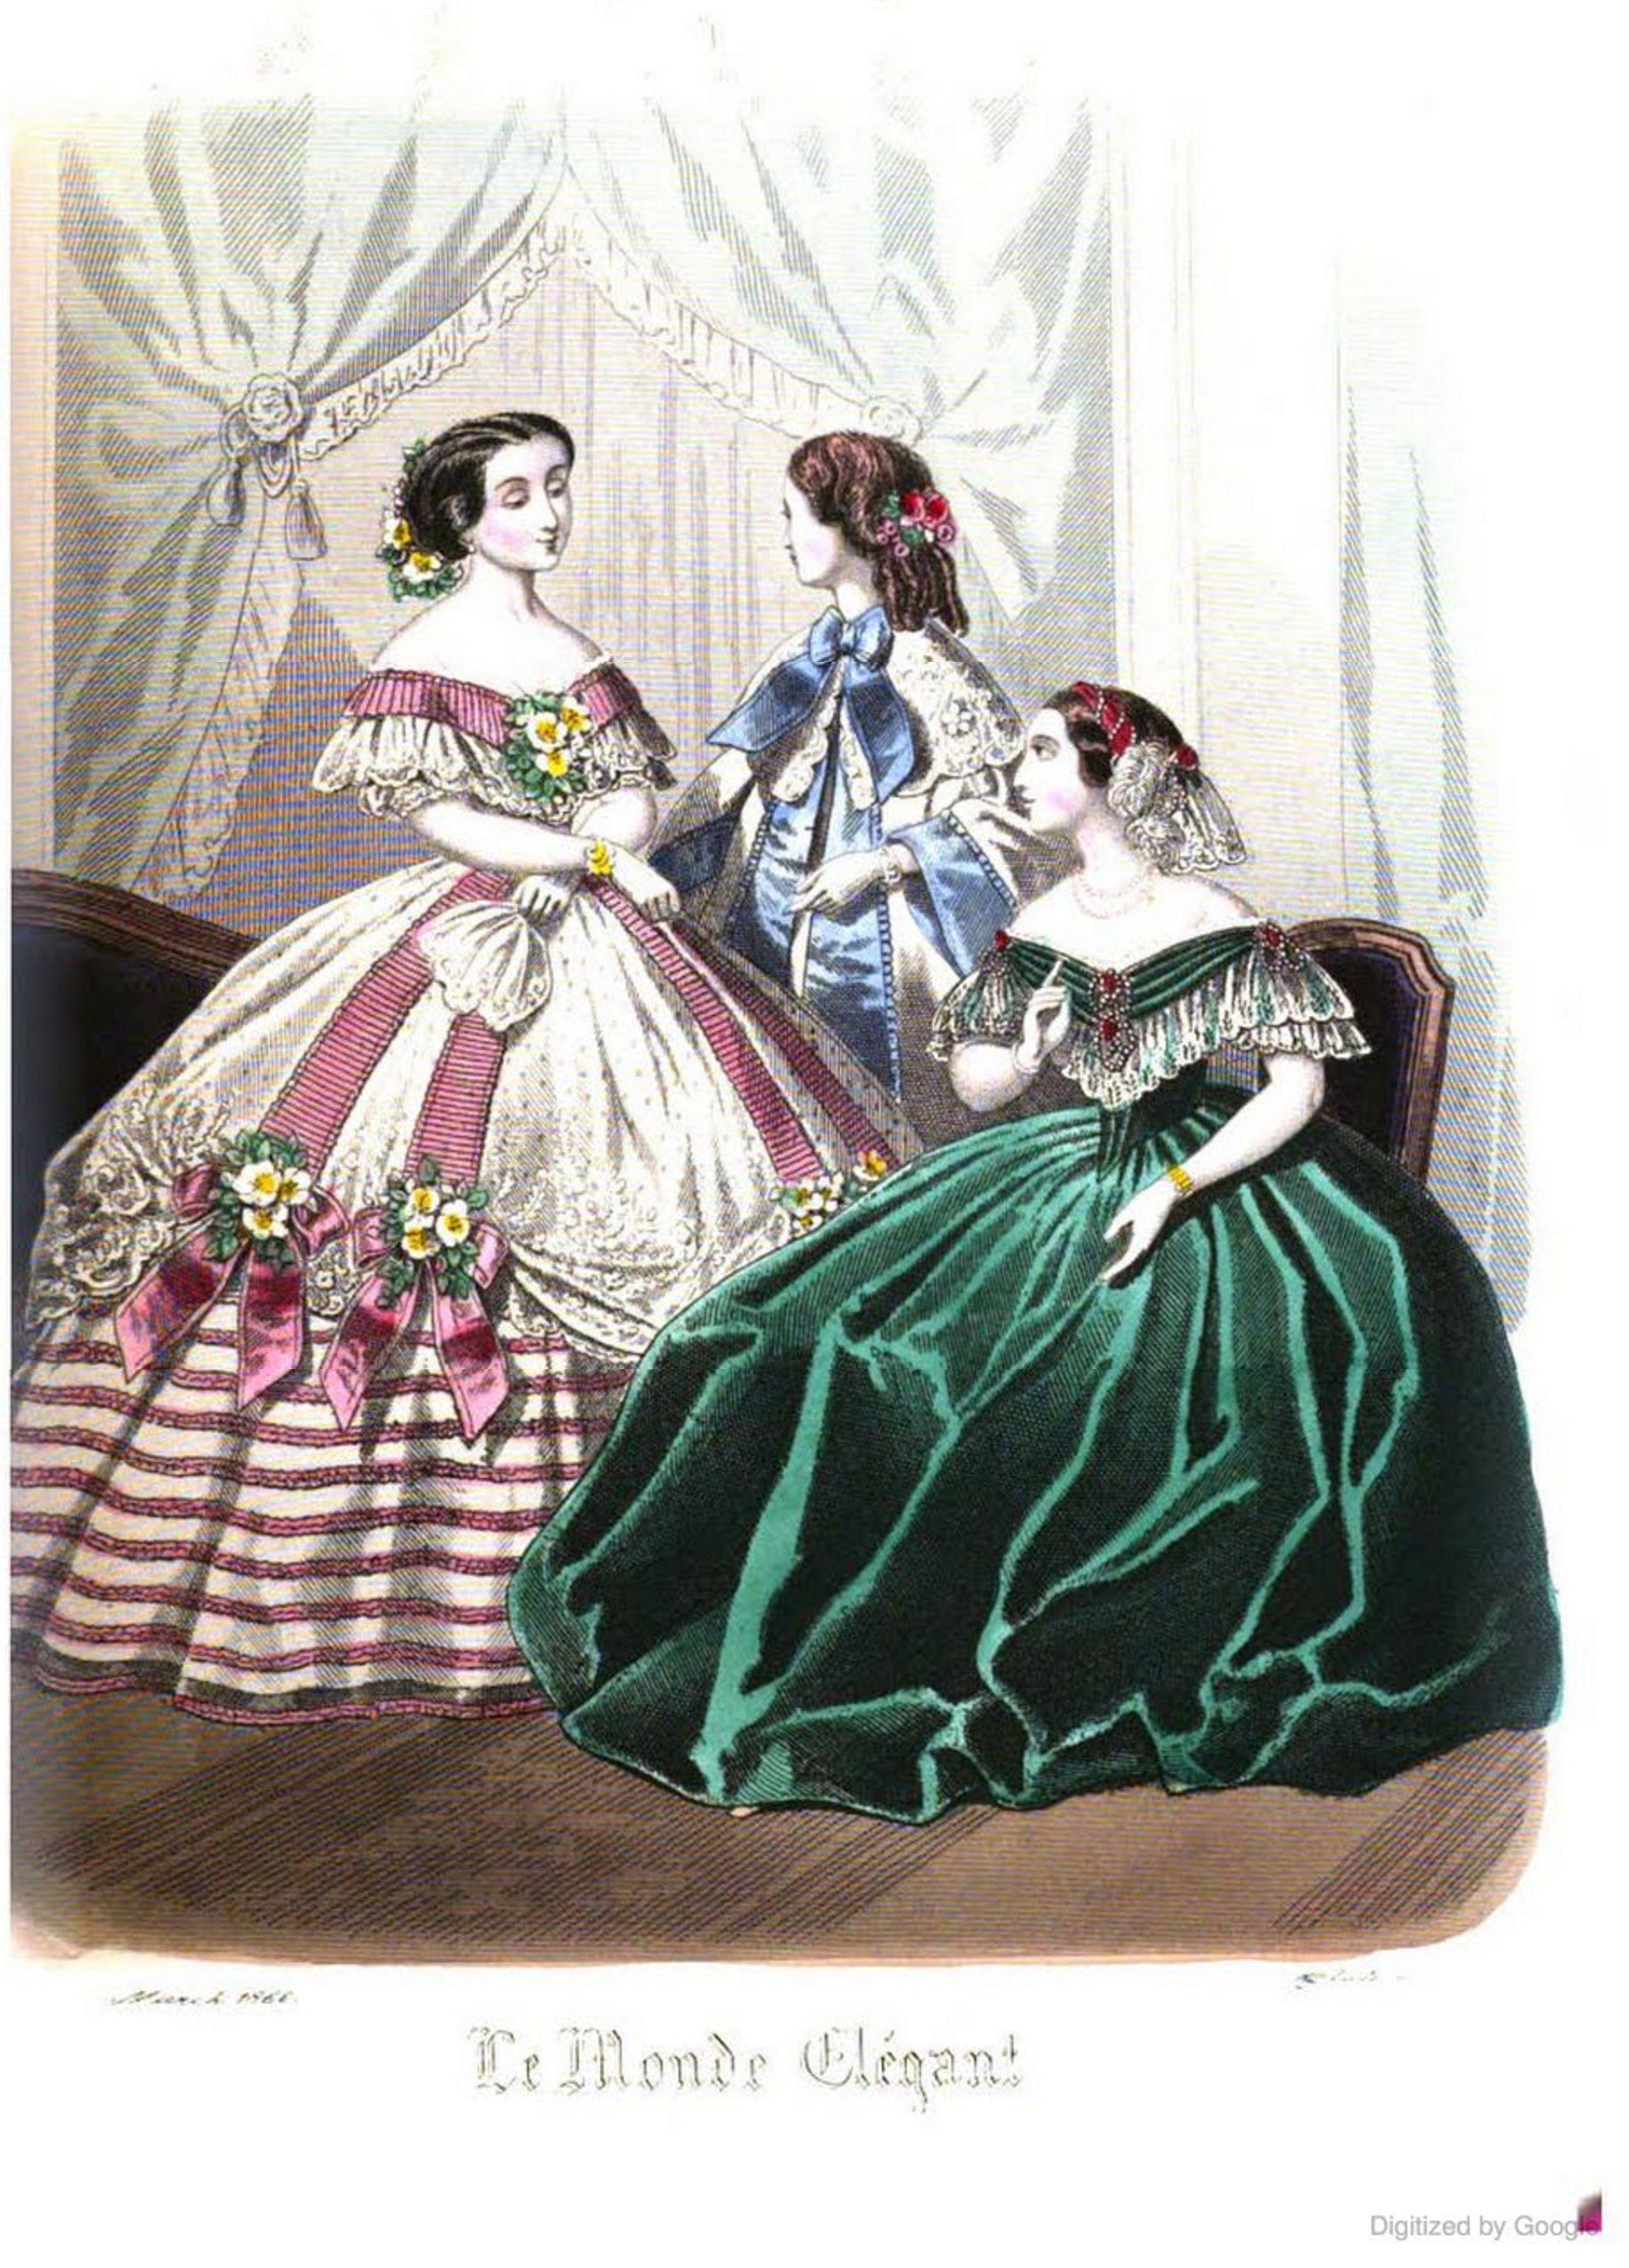 Le Monde Elegant 1860 March  dd900d4fa6f